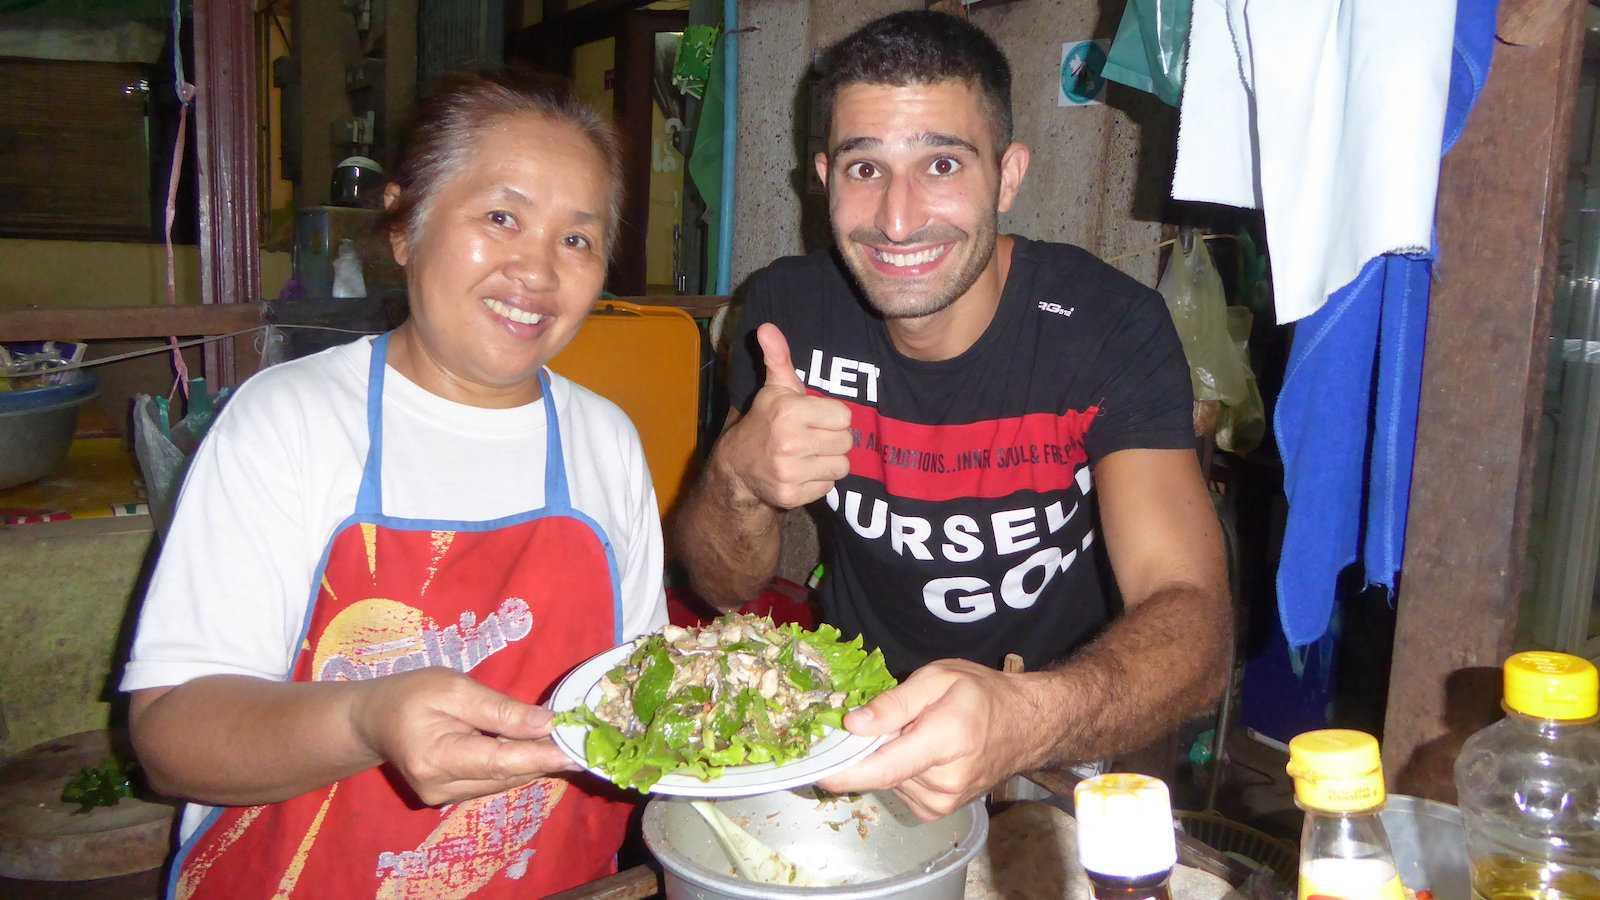 Laab é uma salada picante de carne picada do norte da Tailândia que pode não agradar a todos